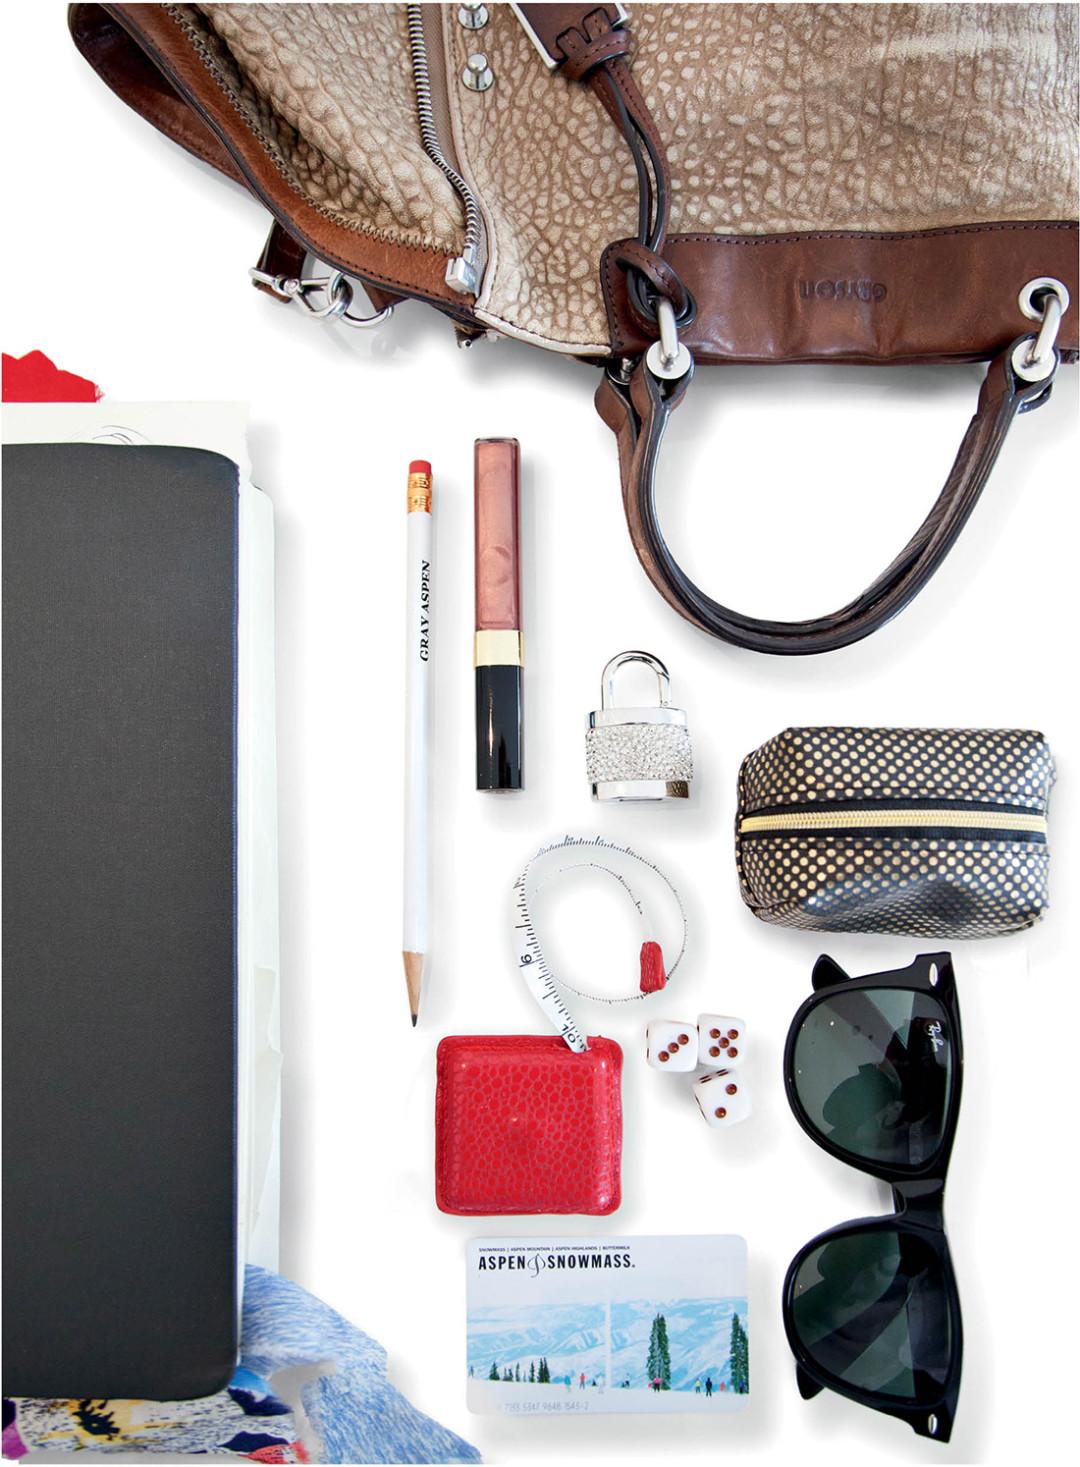 0513 whats in your bag sarah gercke qglrex